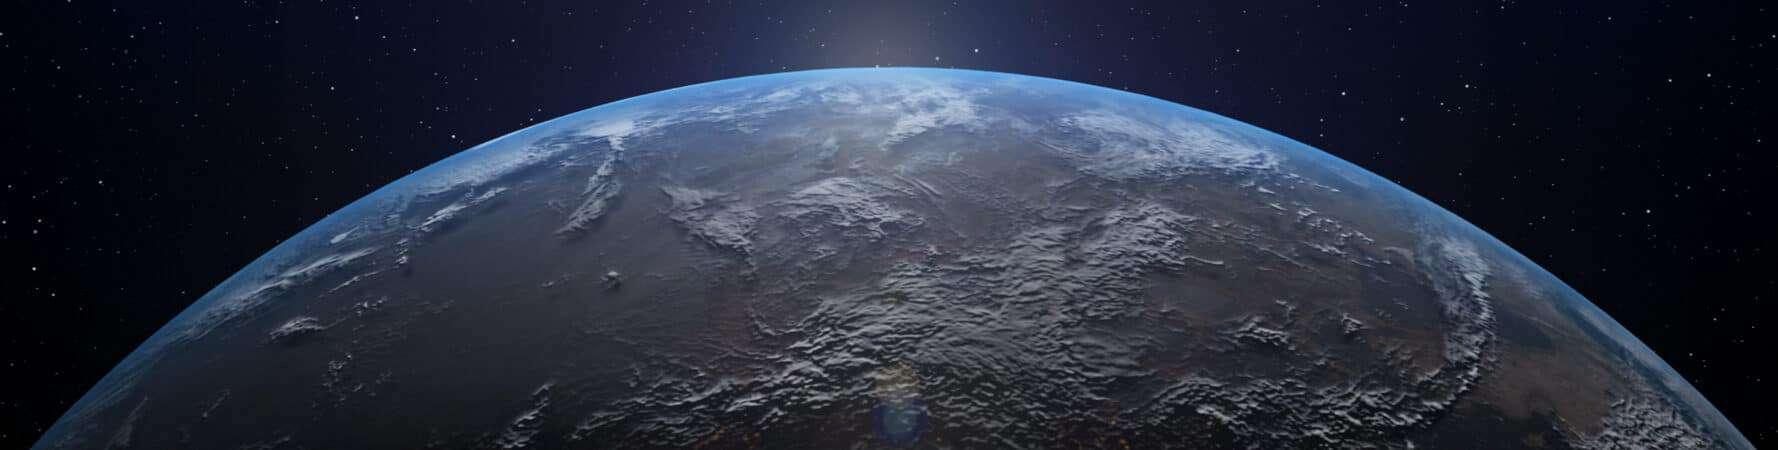 Imagem mostra um pedaço da Terra com o brilho do Sol no horizonte